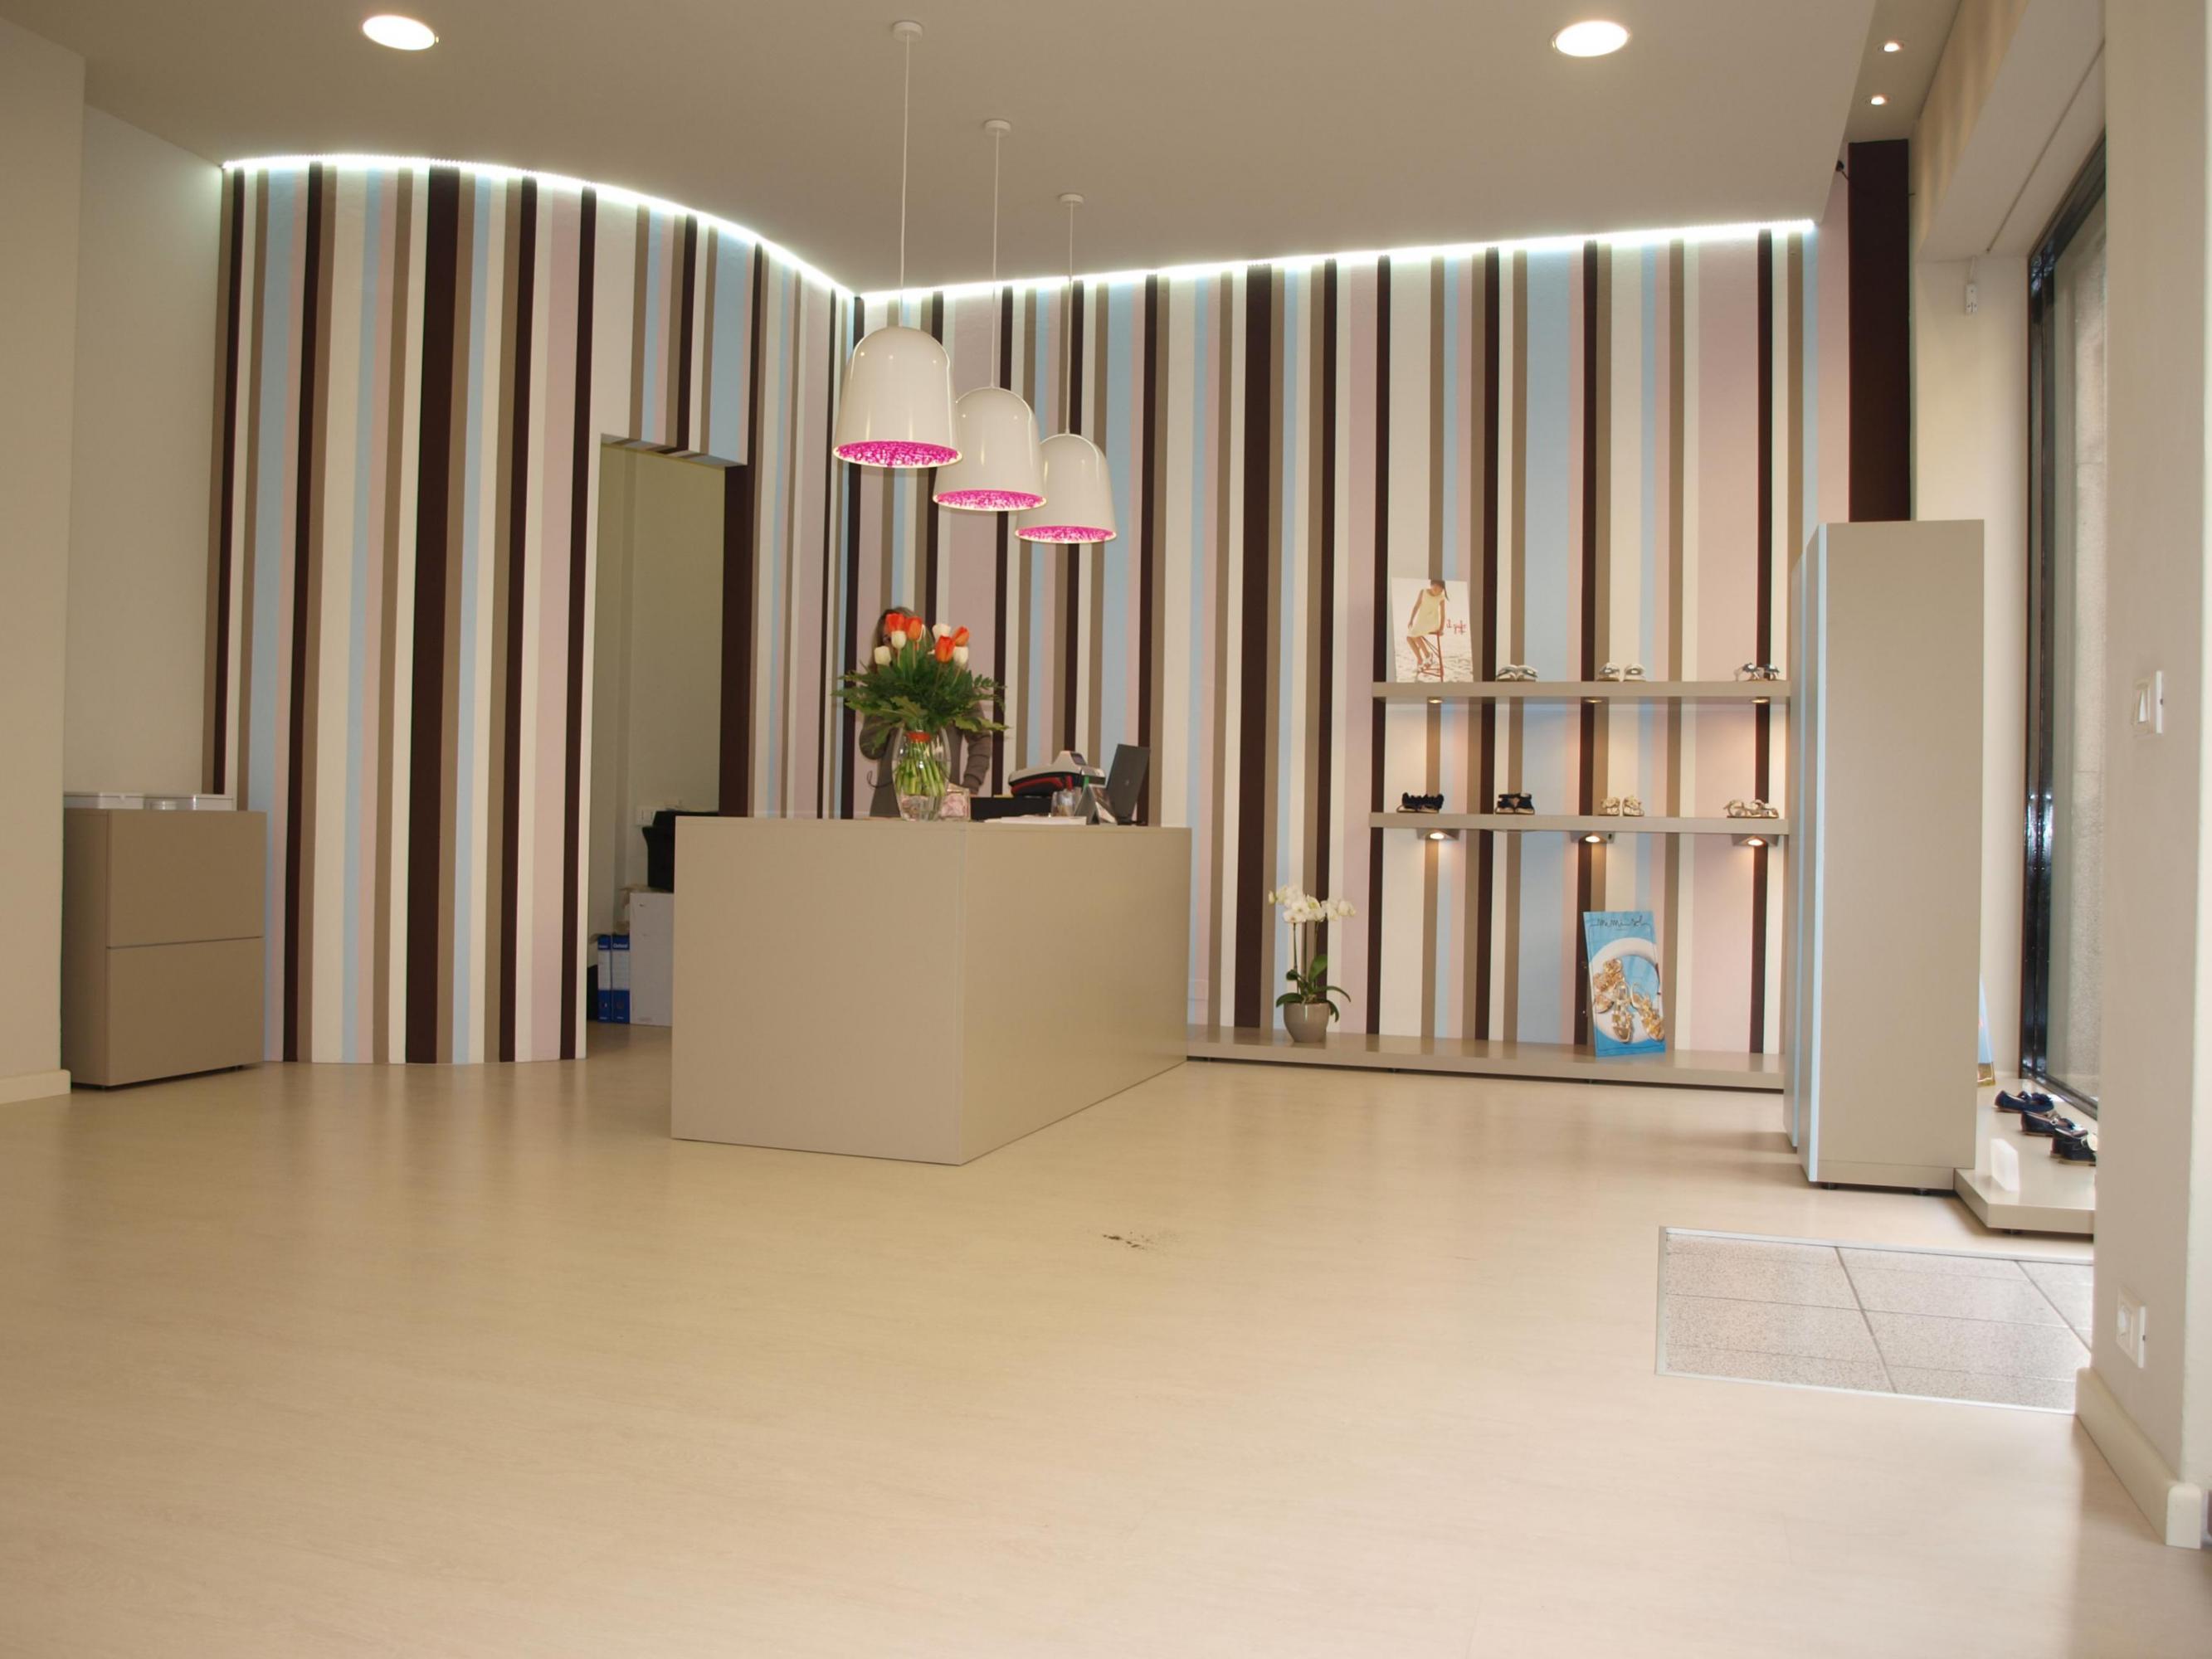 Negozio scarpe online fino a 42 off scontate for Interior design negozi